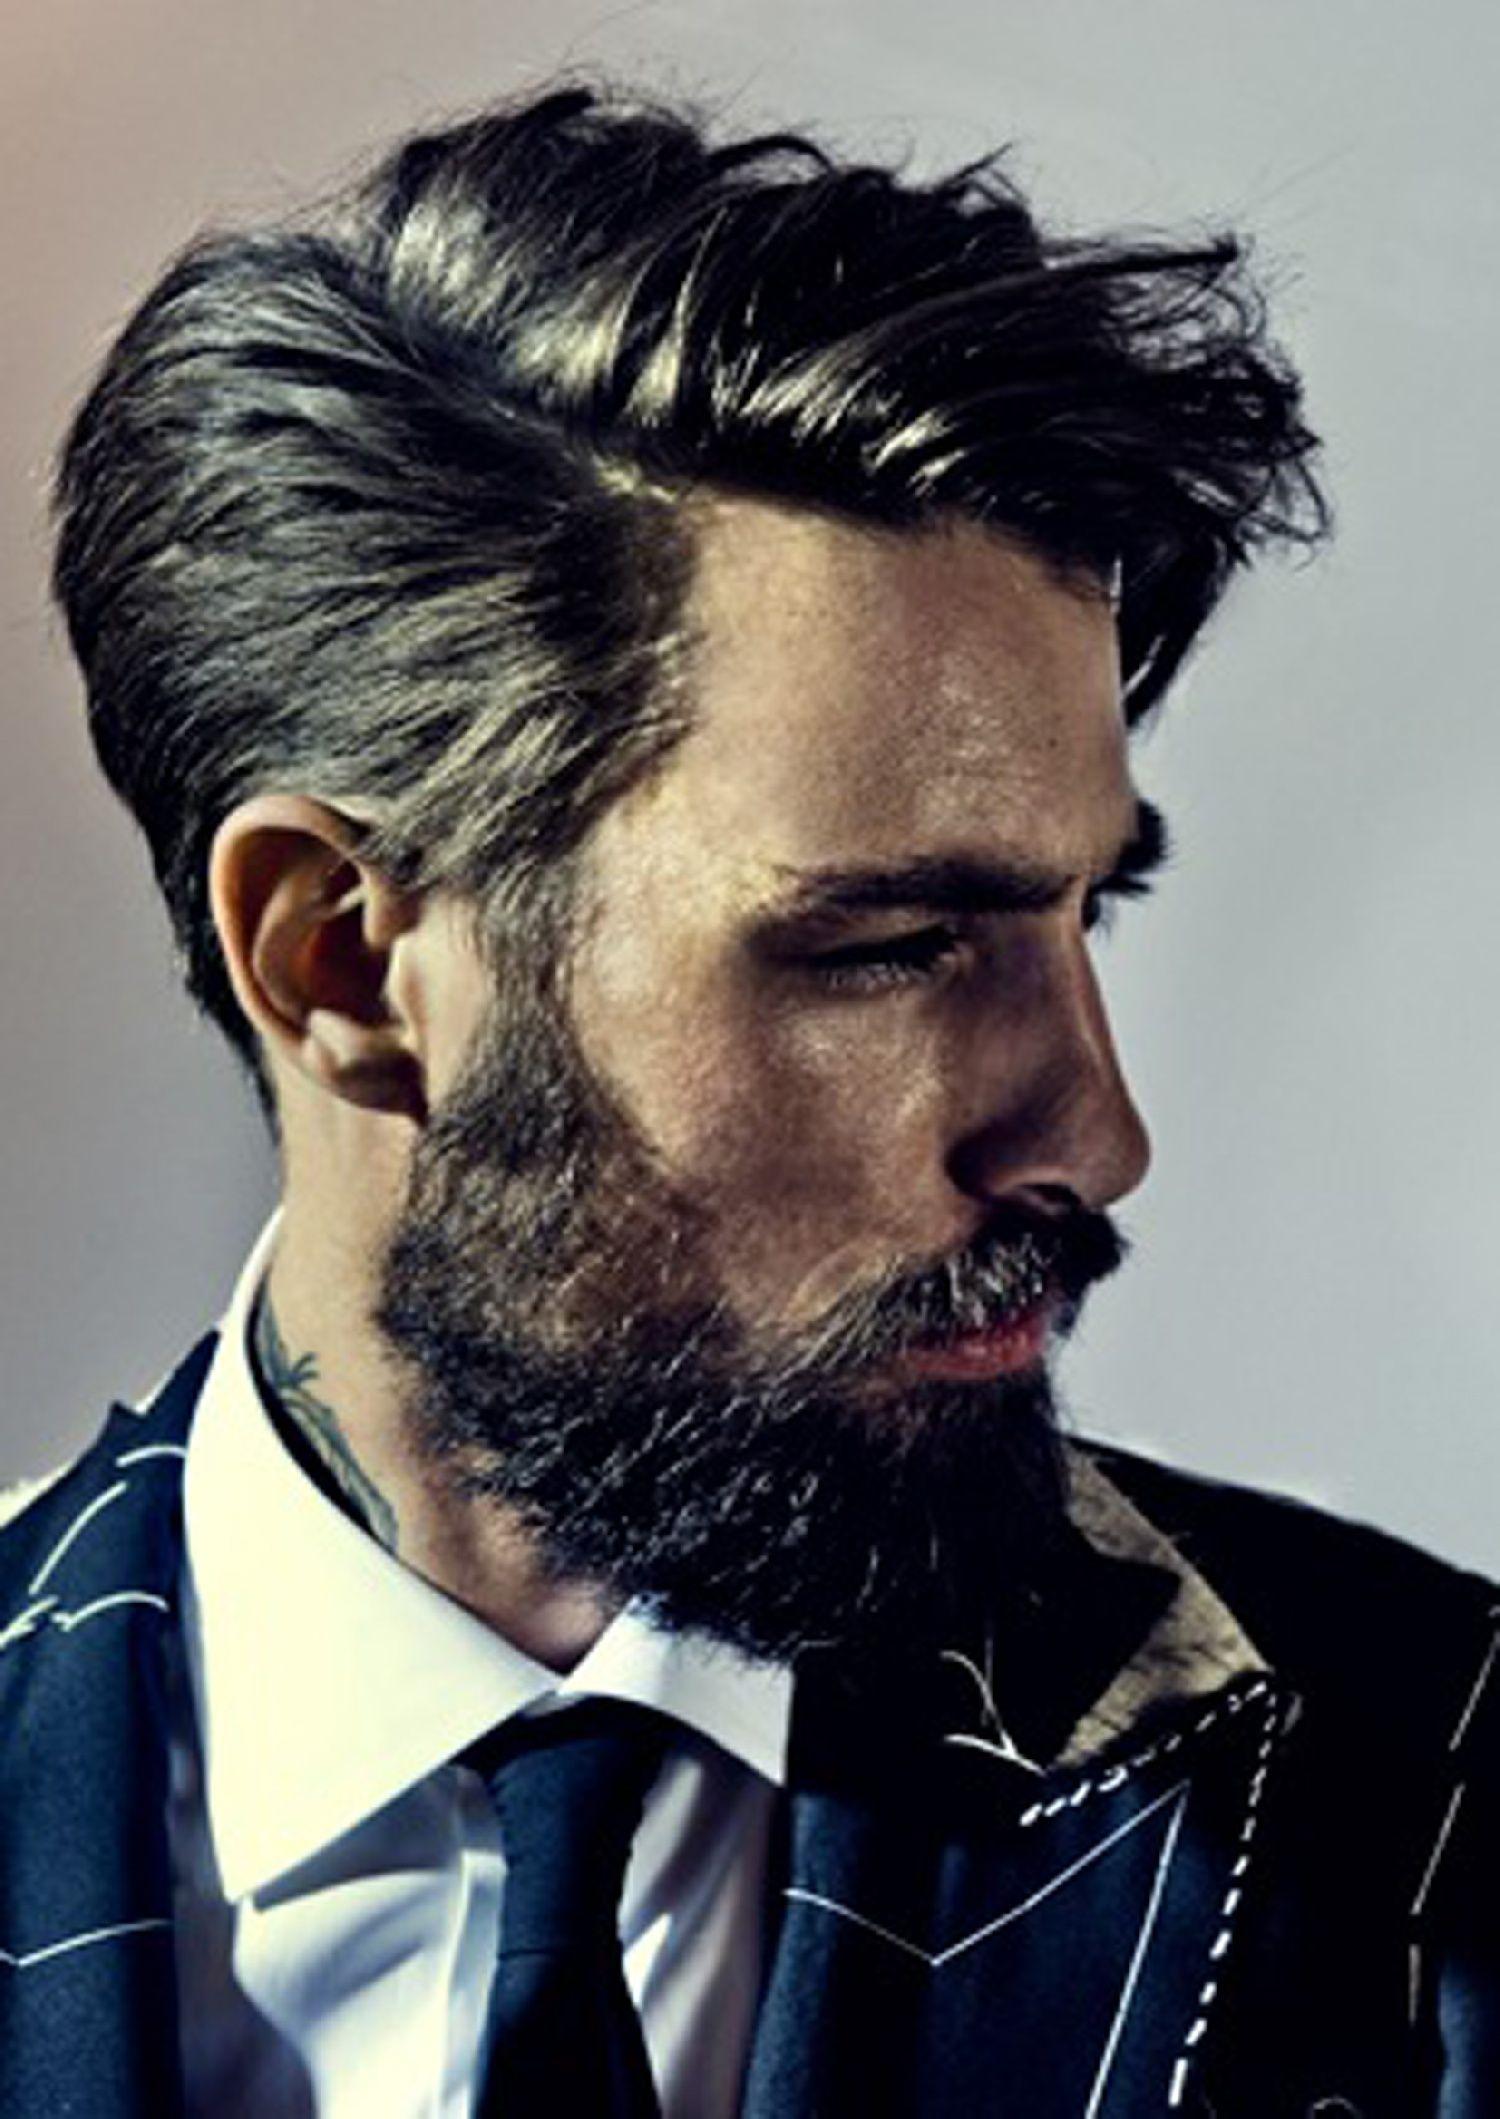 Hair u beard s t y l e pinterest portraits haircuts and hair